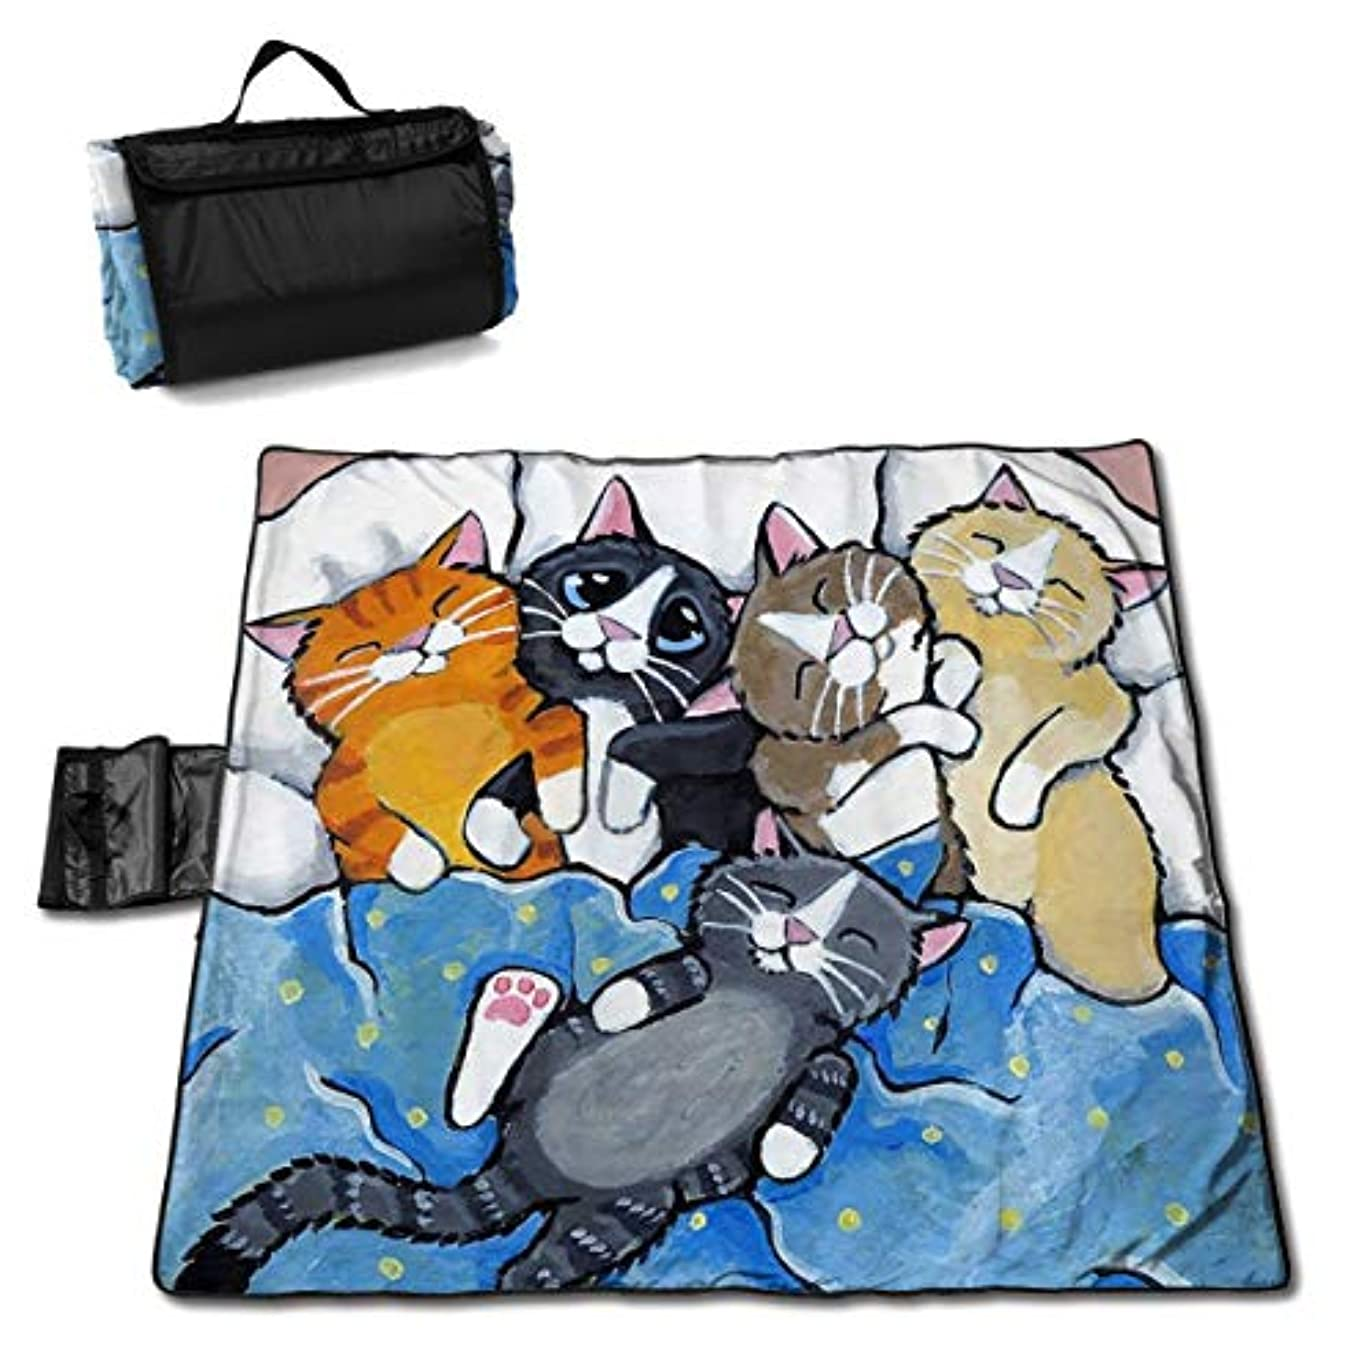 購入無駄にスクレーパーQQ LOVE 招き猫 レジャーシート ピクニックシート 厚手 レジャーマット 折り畳み 150*145 Cm